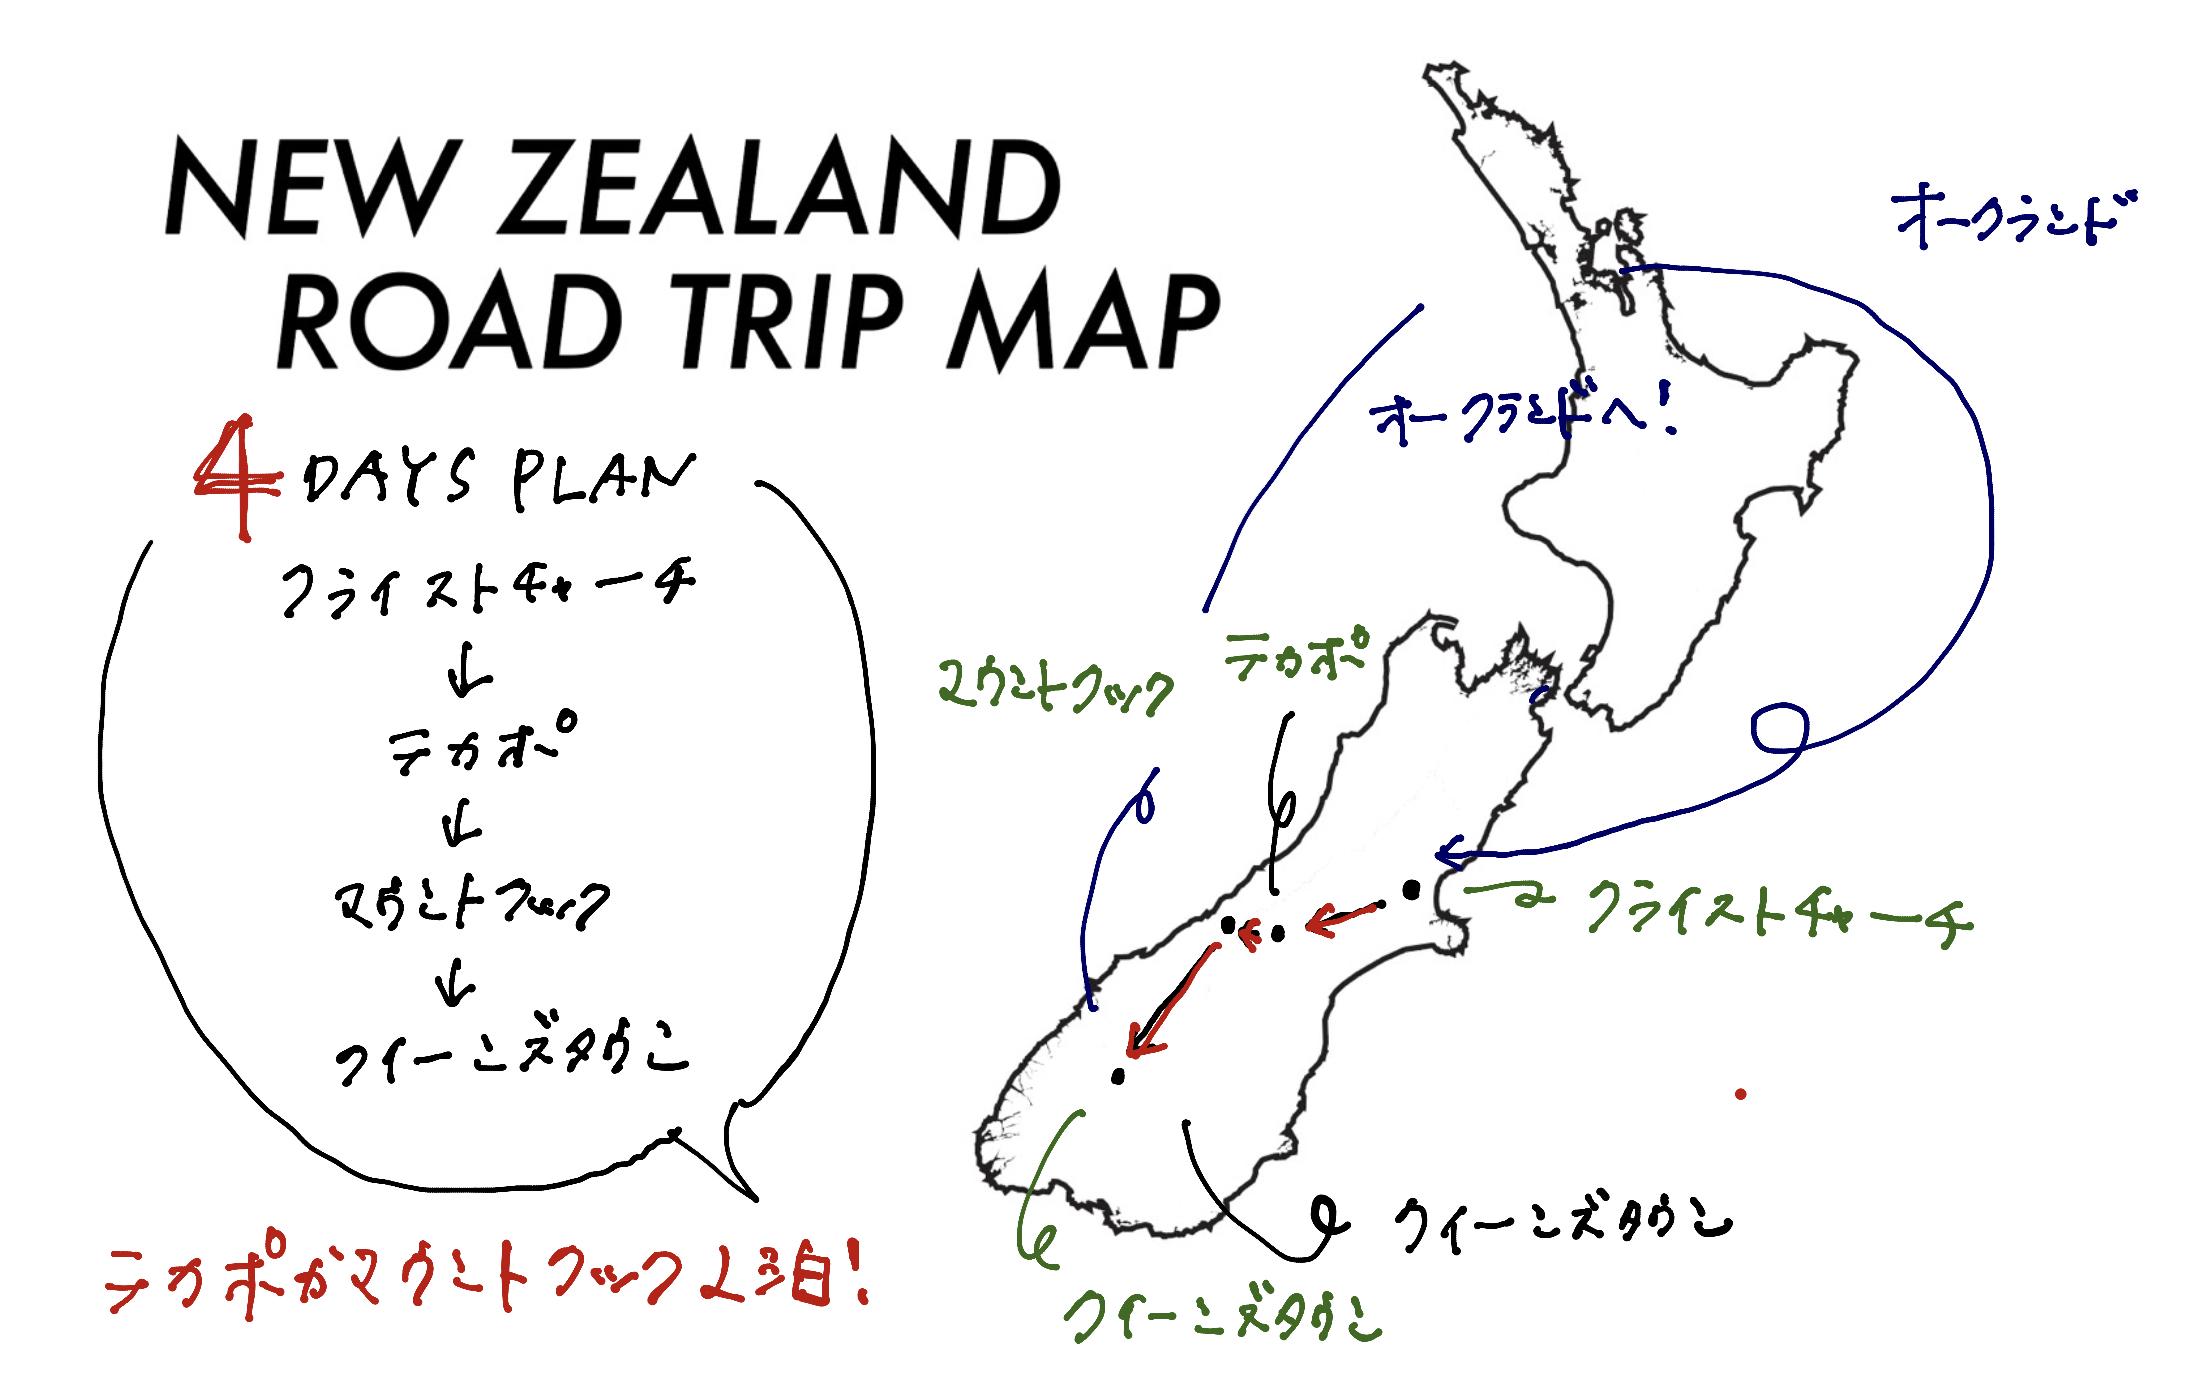 ニュージーランドの南島 4泊版 おすすめルート